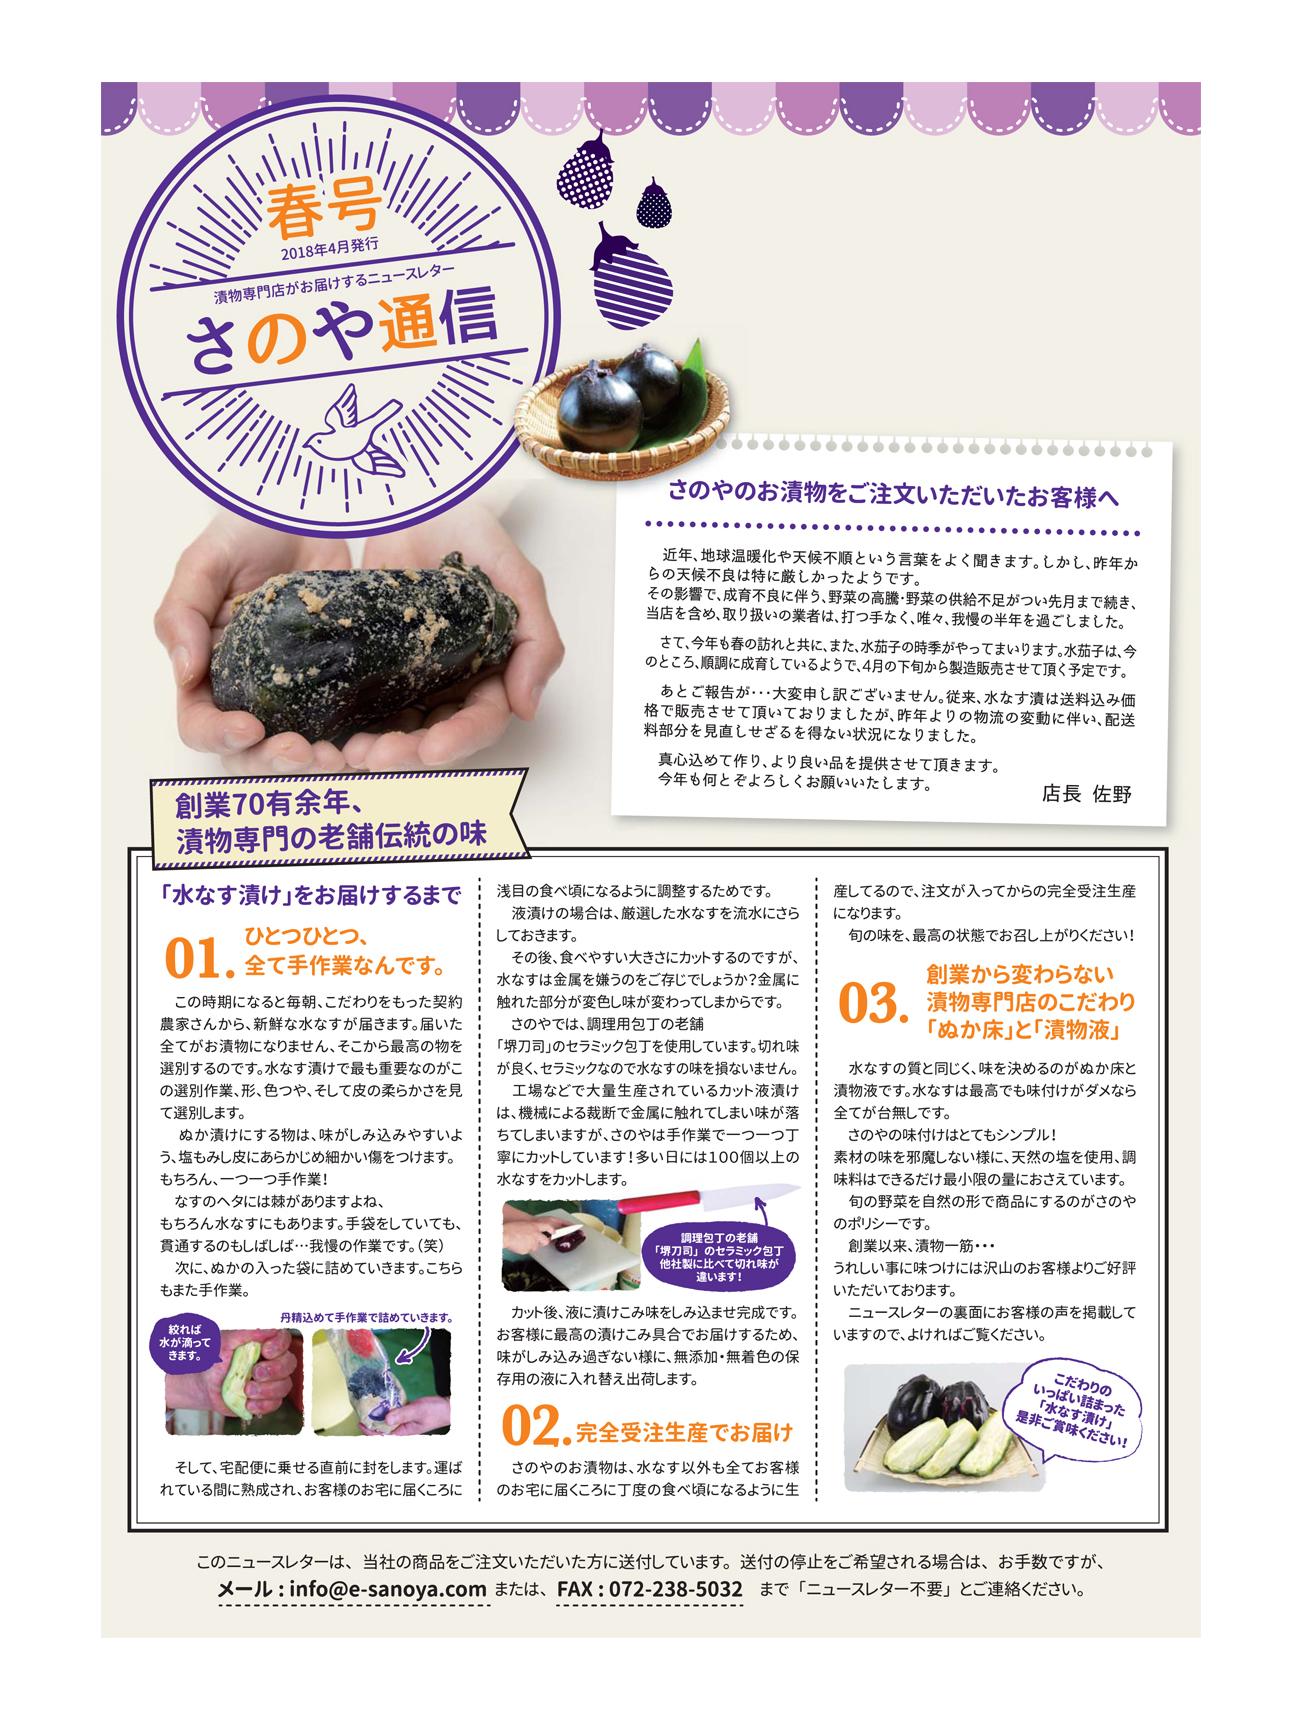 堺市 さのや食品様 ニュースレター制作1